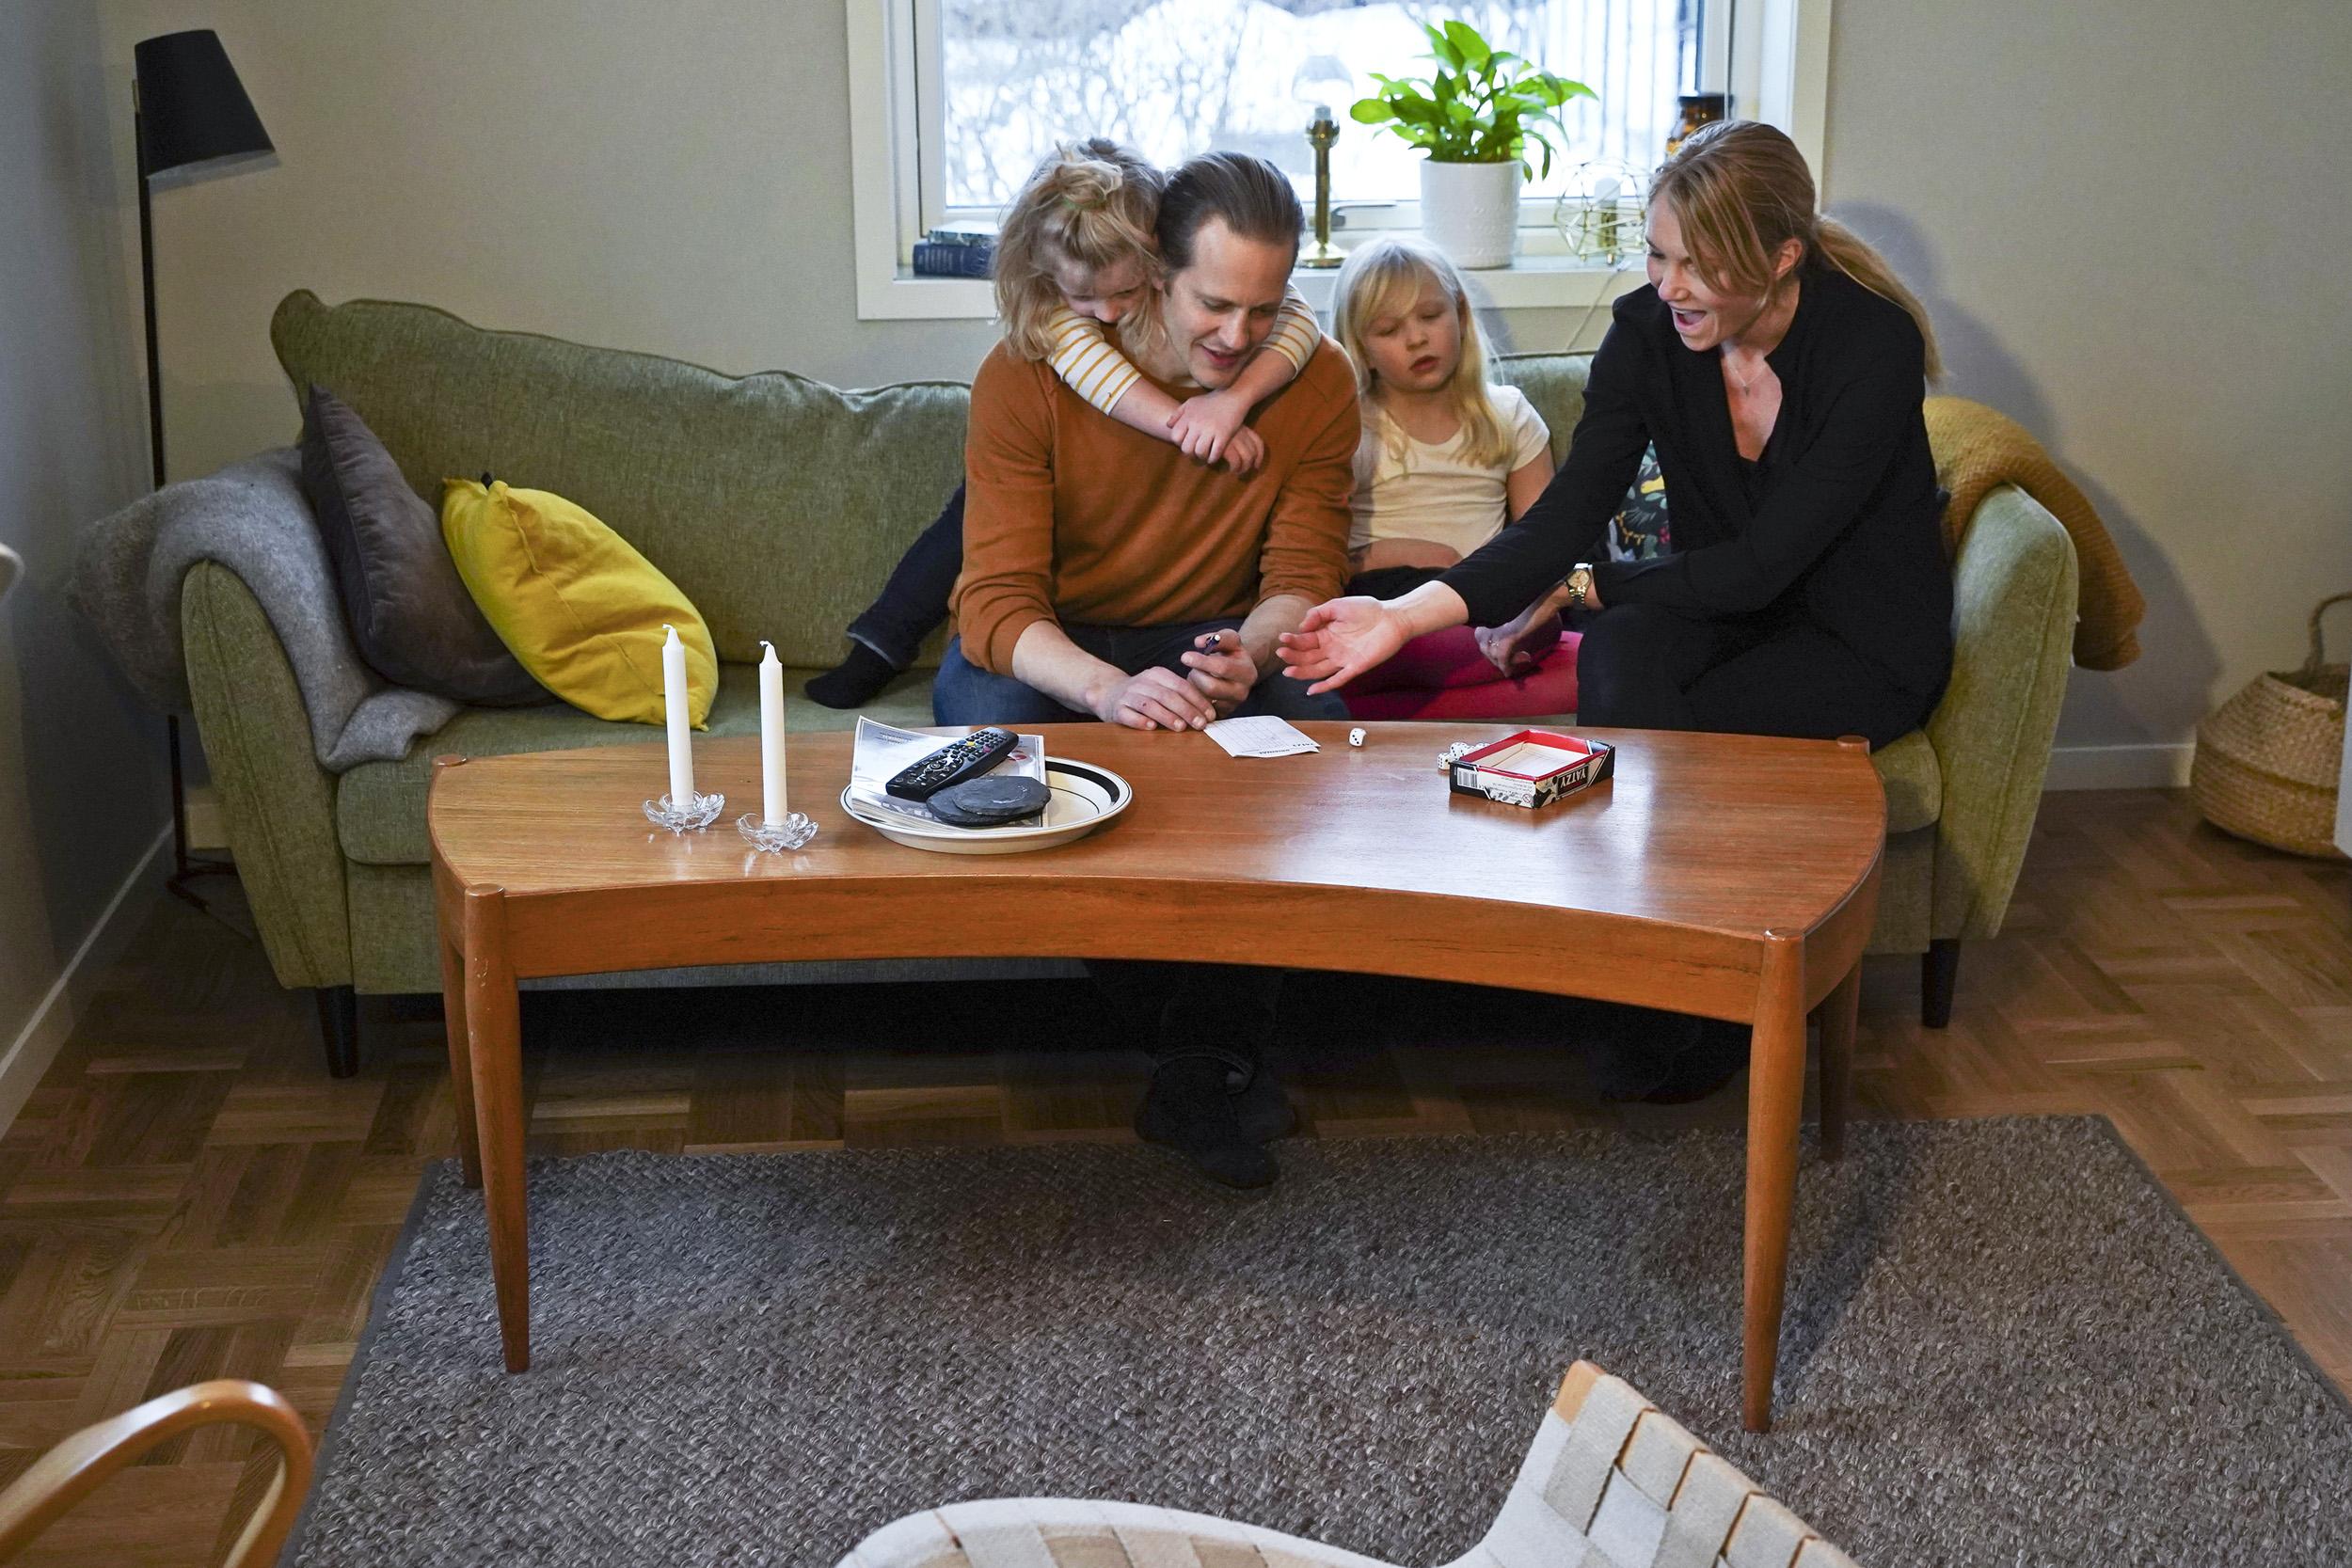 Familj spelar Yatzy i vardagsrum